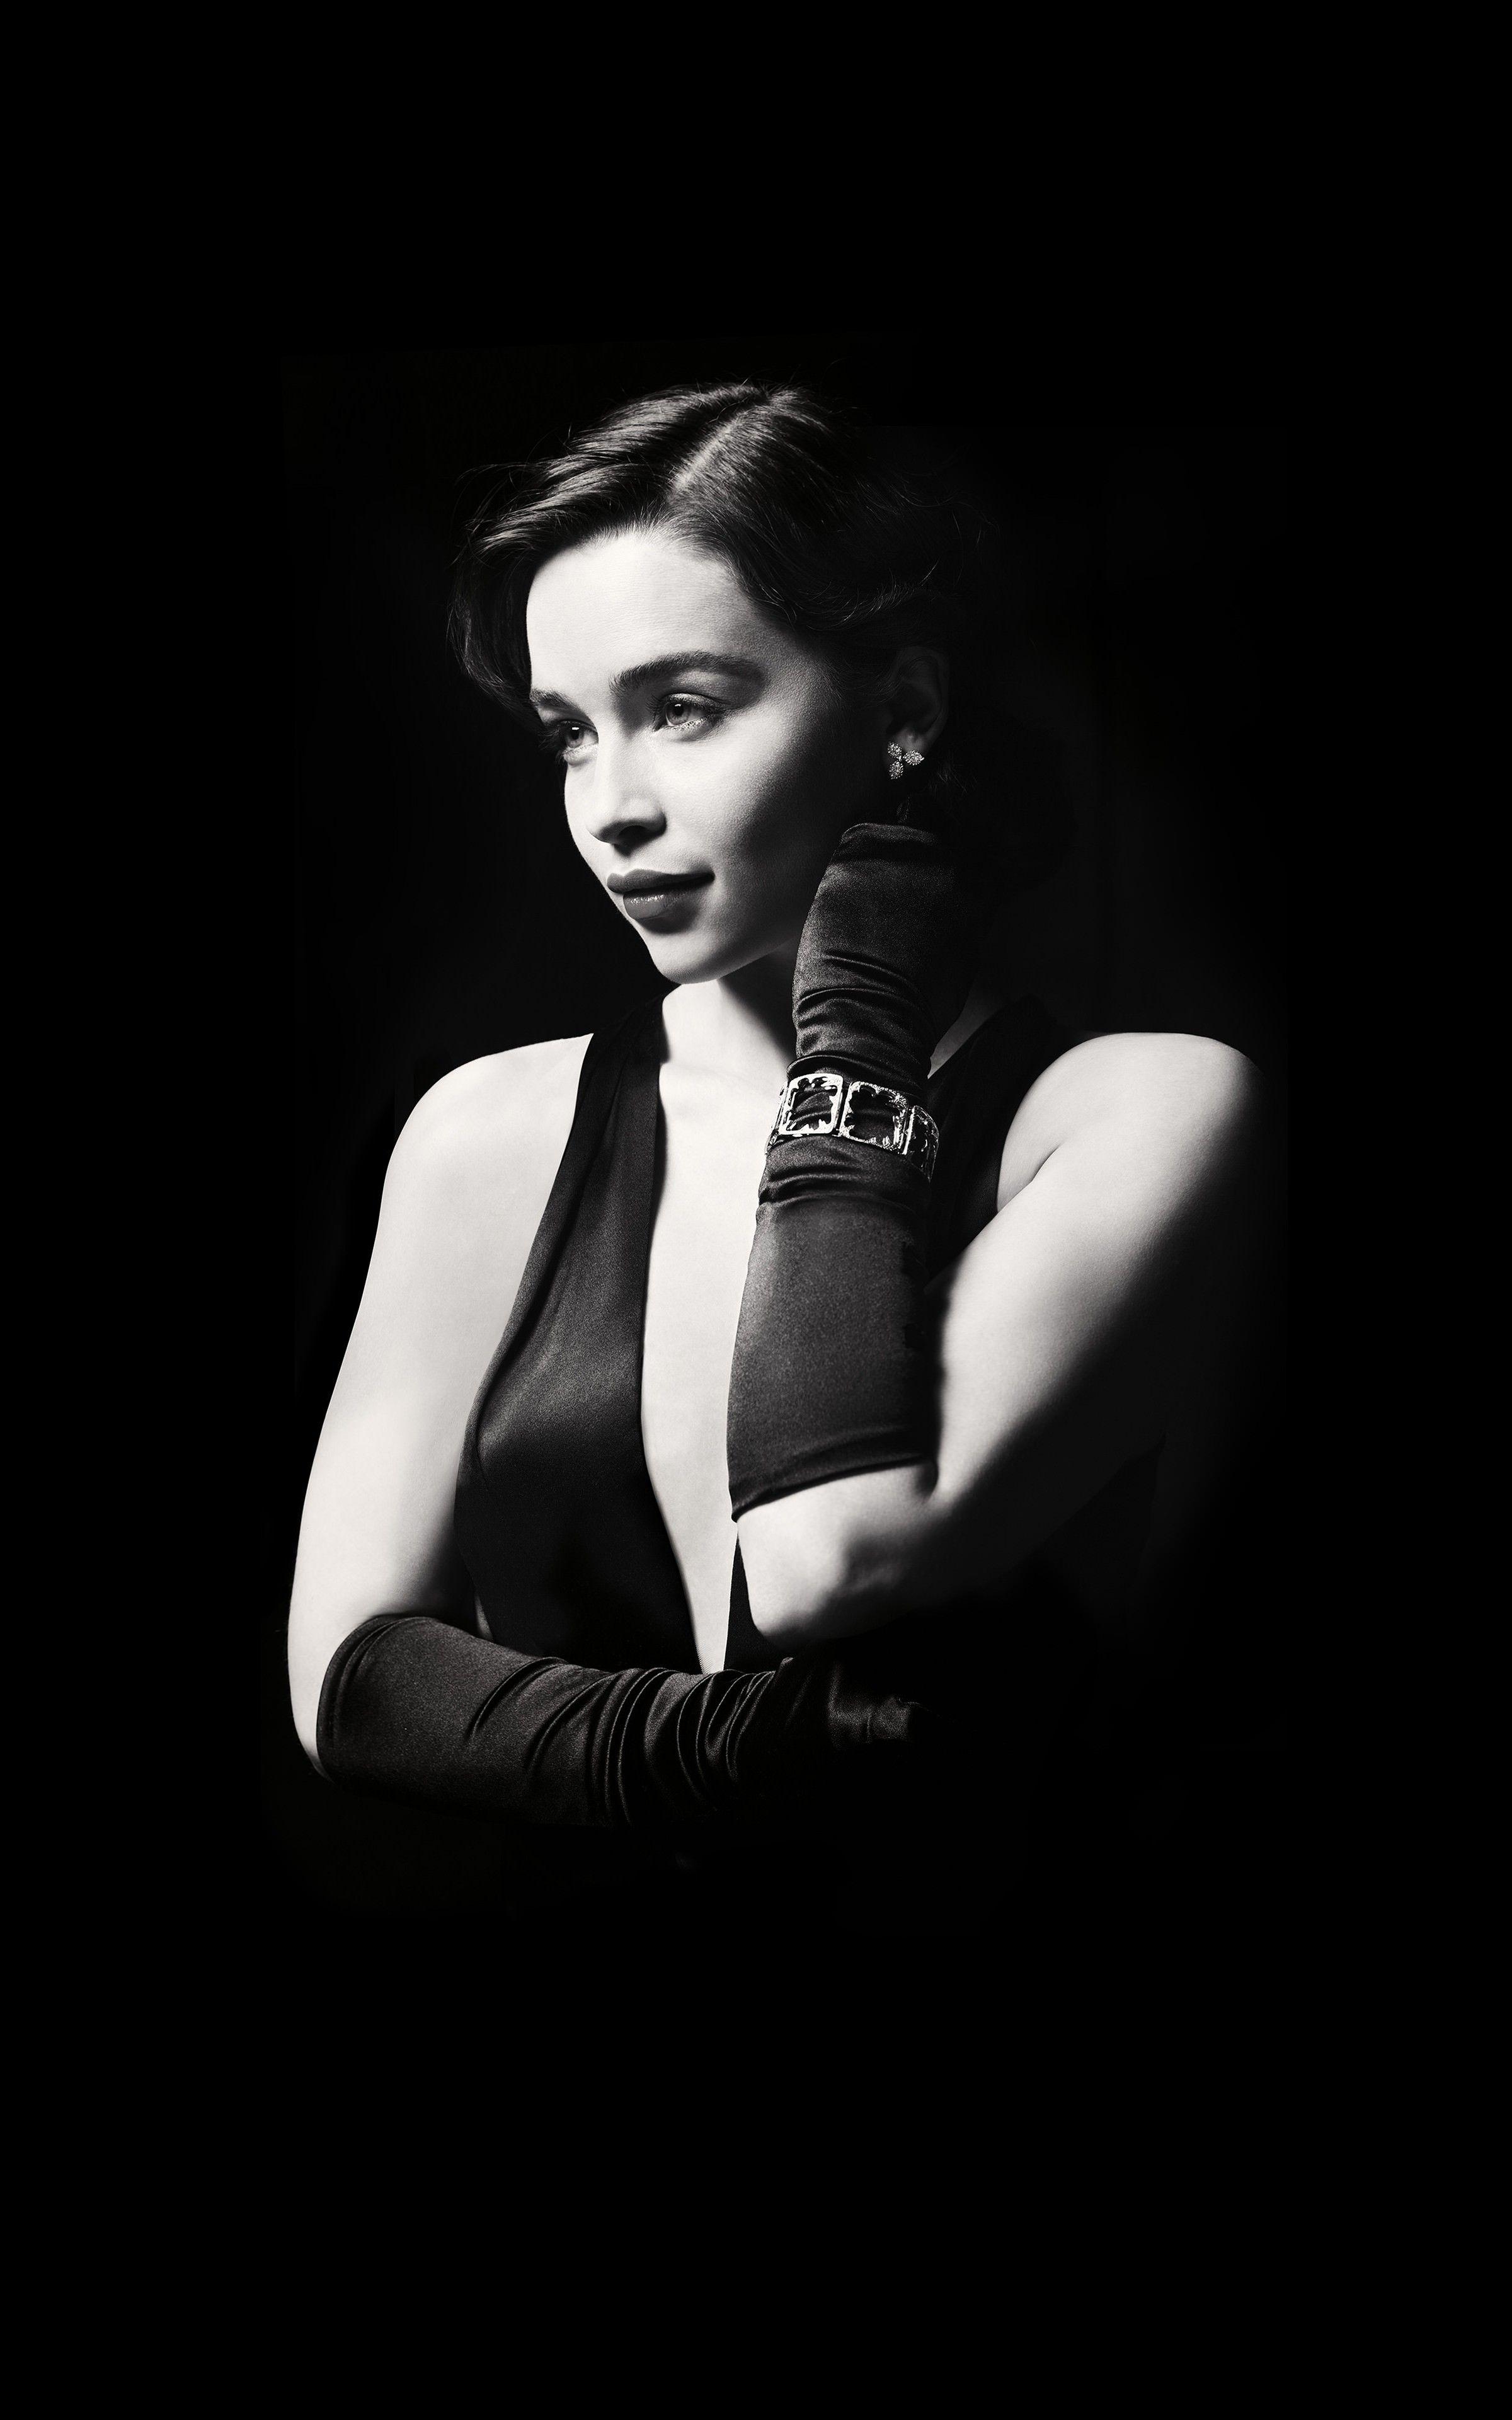 Emilia Clarke beautiful emiliaclarke photoshoot Emilia 2400x3840